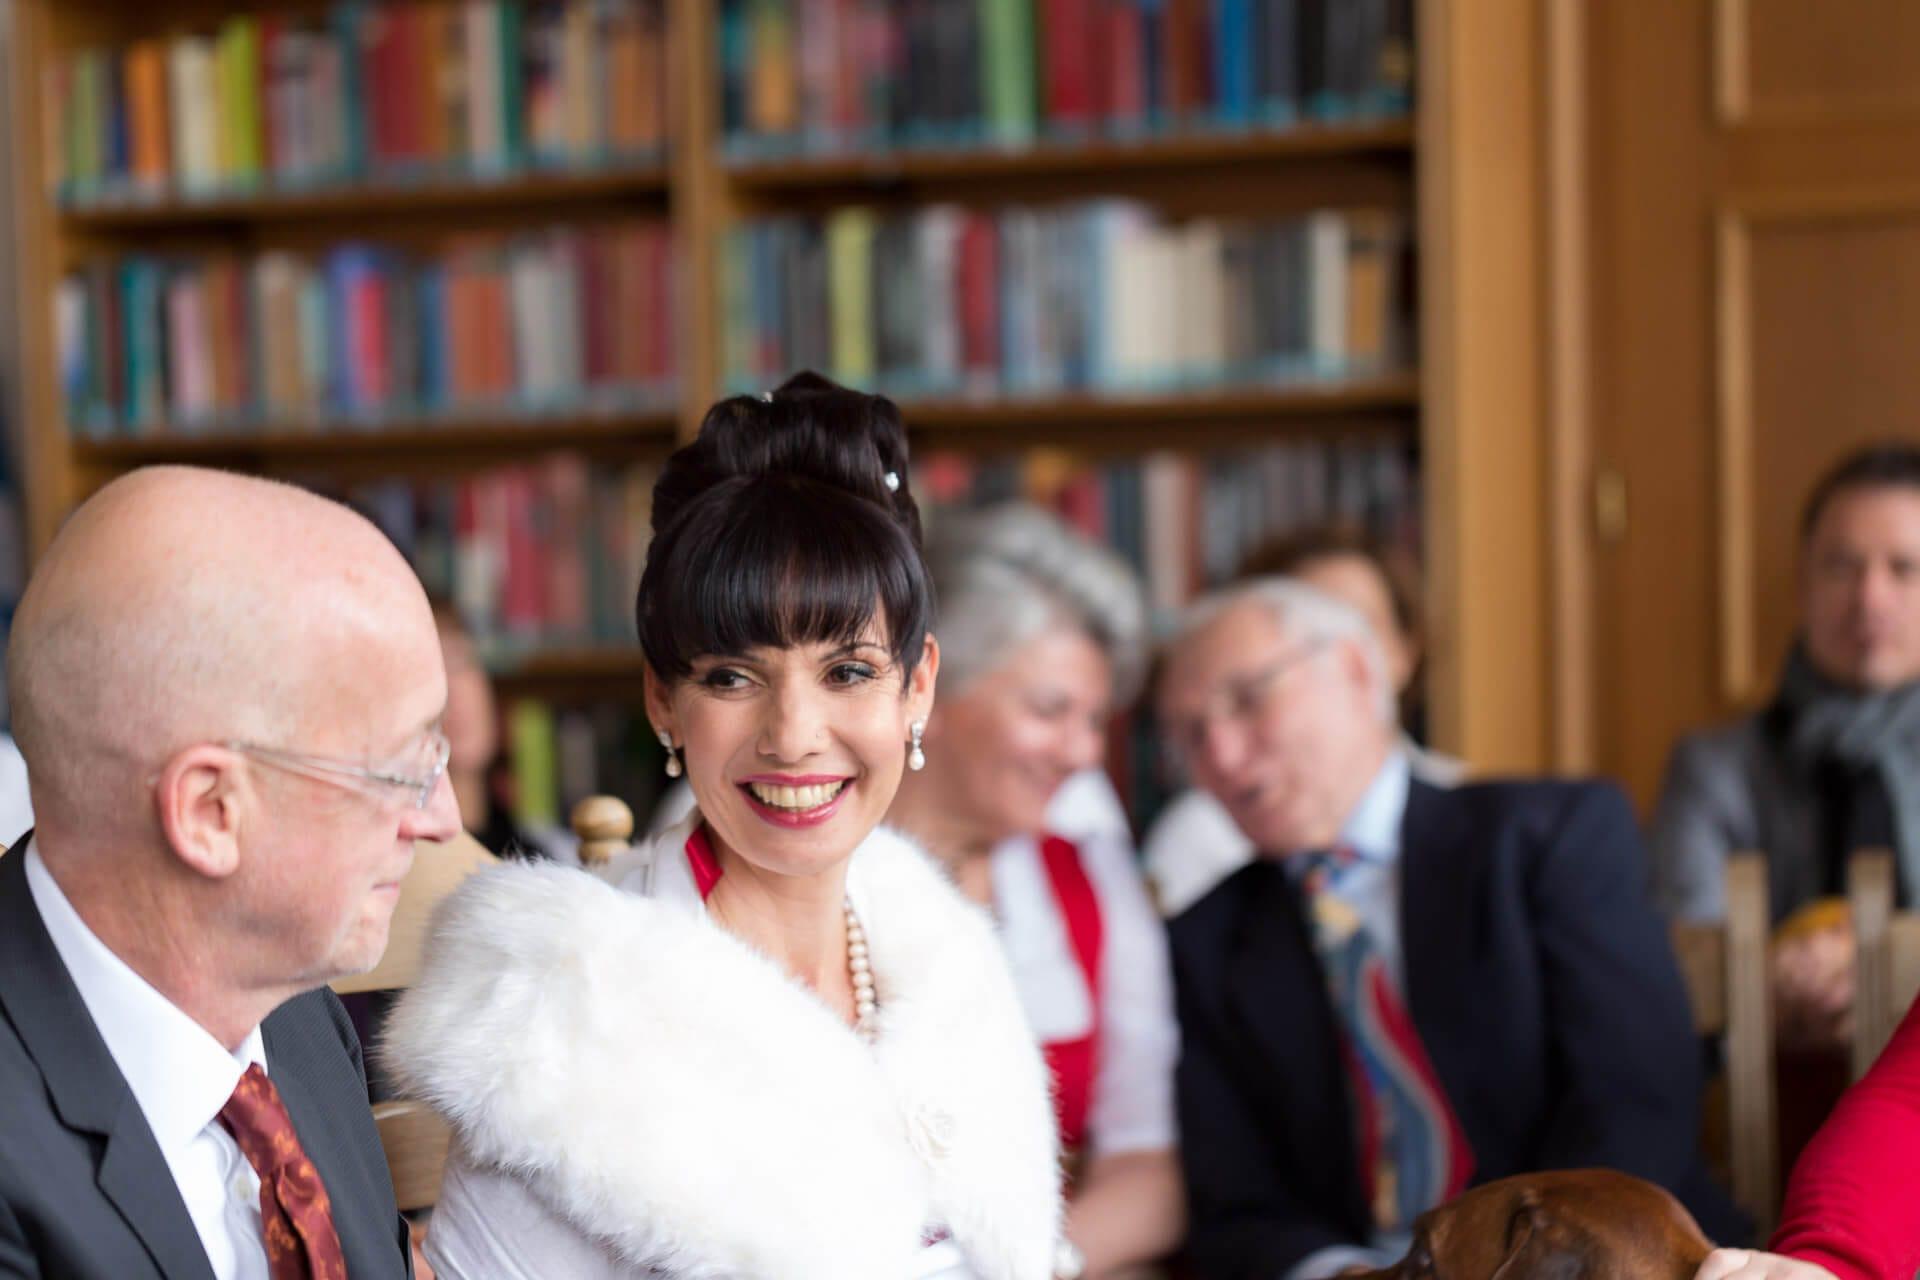 Hochzeitsfotograf - Christian Weber Photo | München